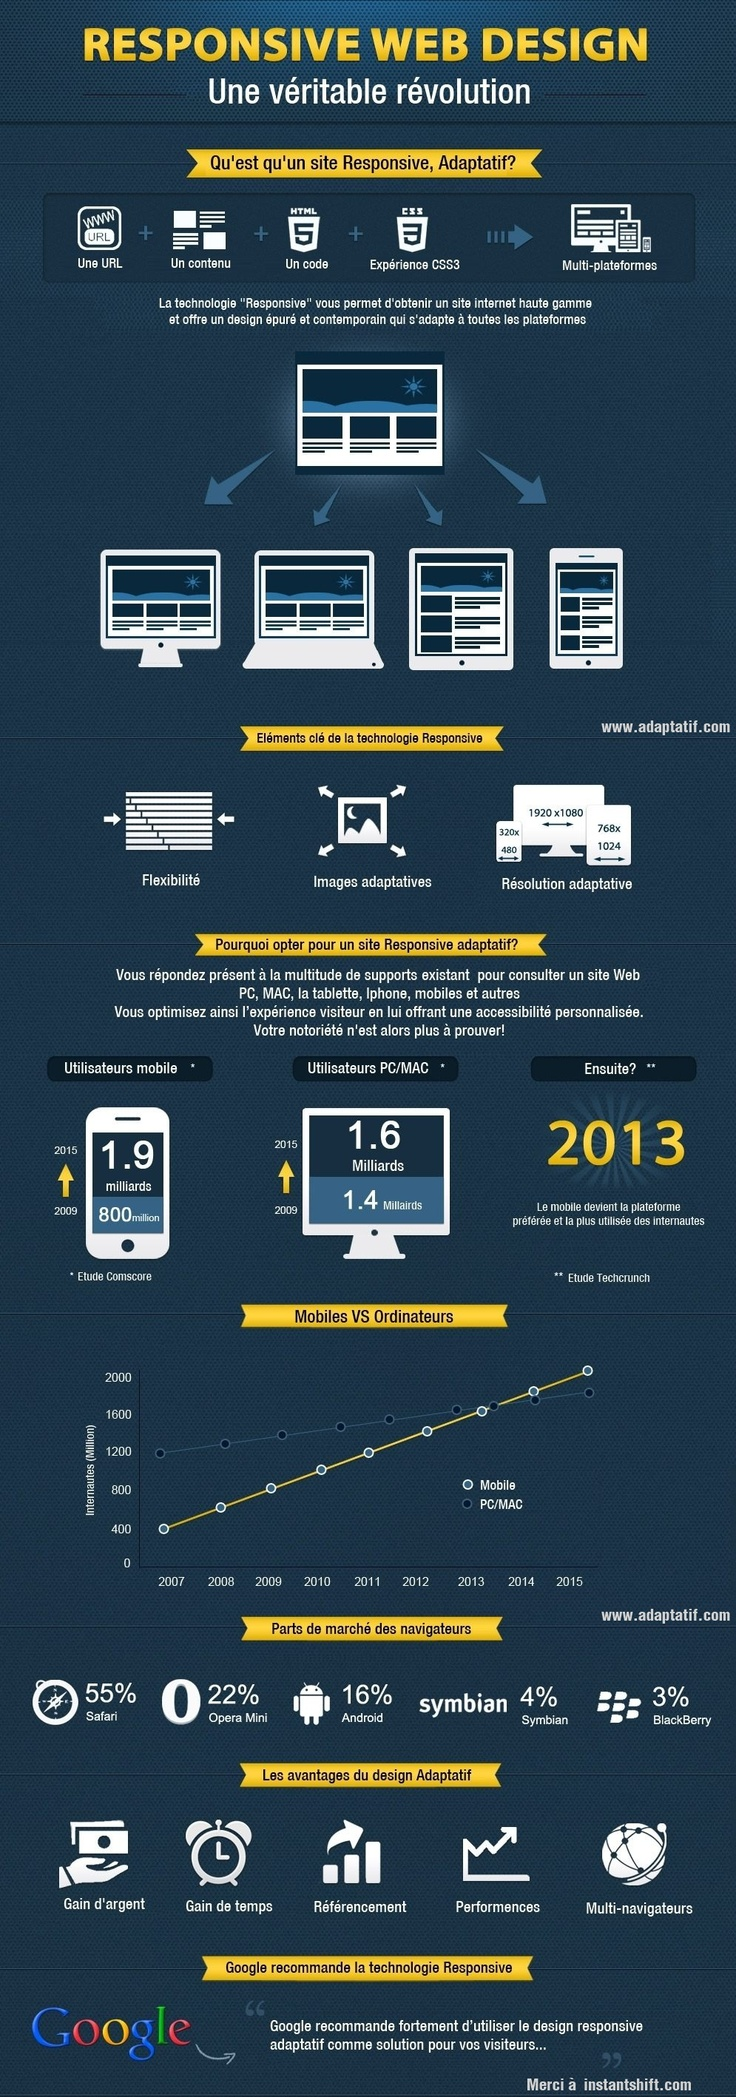 Responsive Web Design - Une véritable révolution #infographic